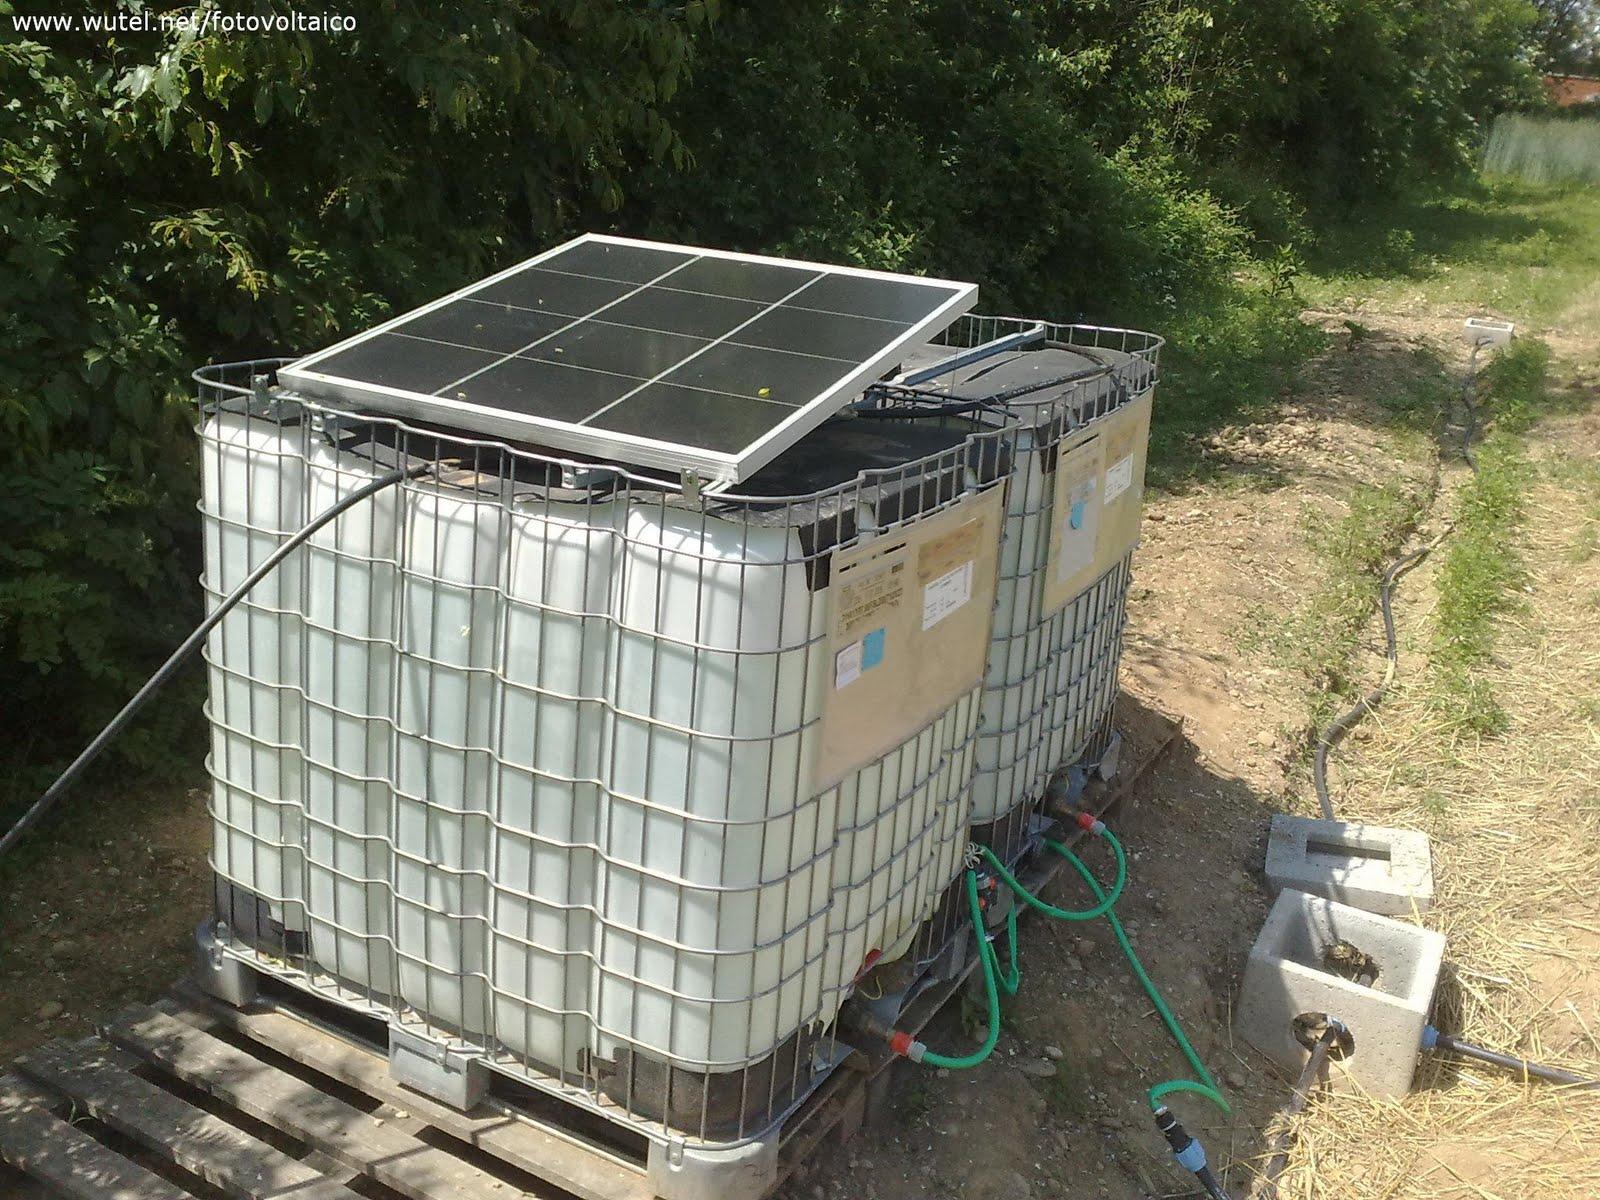 Gasorto di biassono mb acqua dal sole for Schema impianto irrigazione giardino